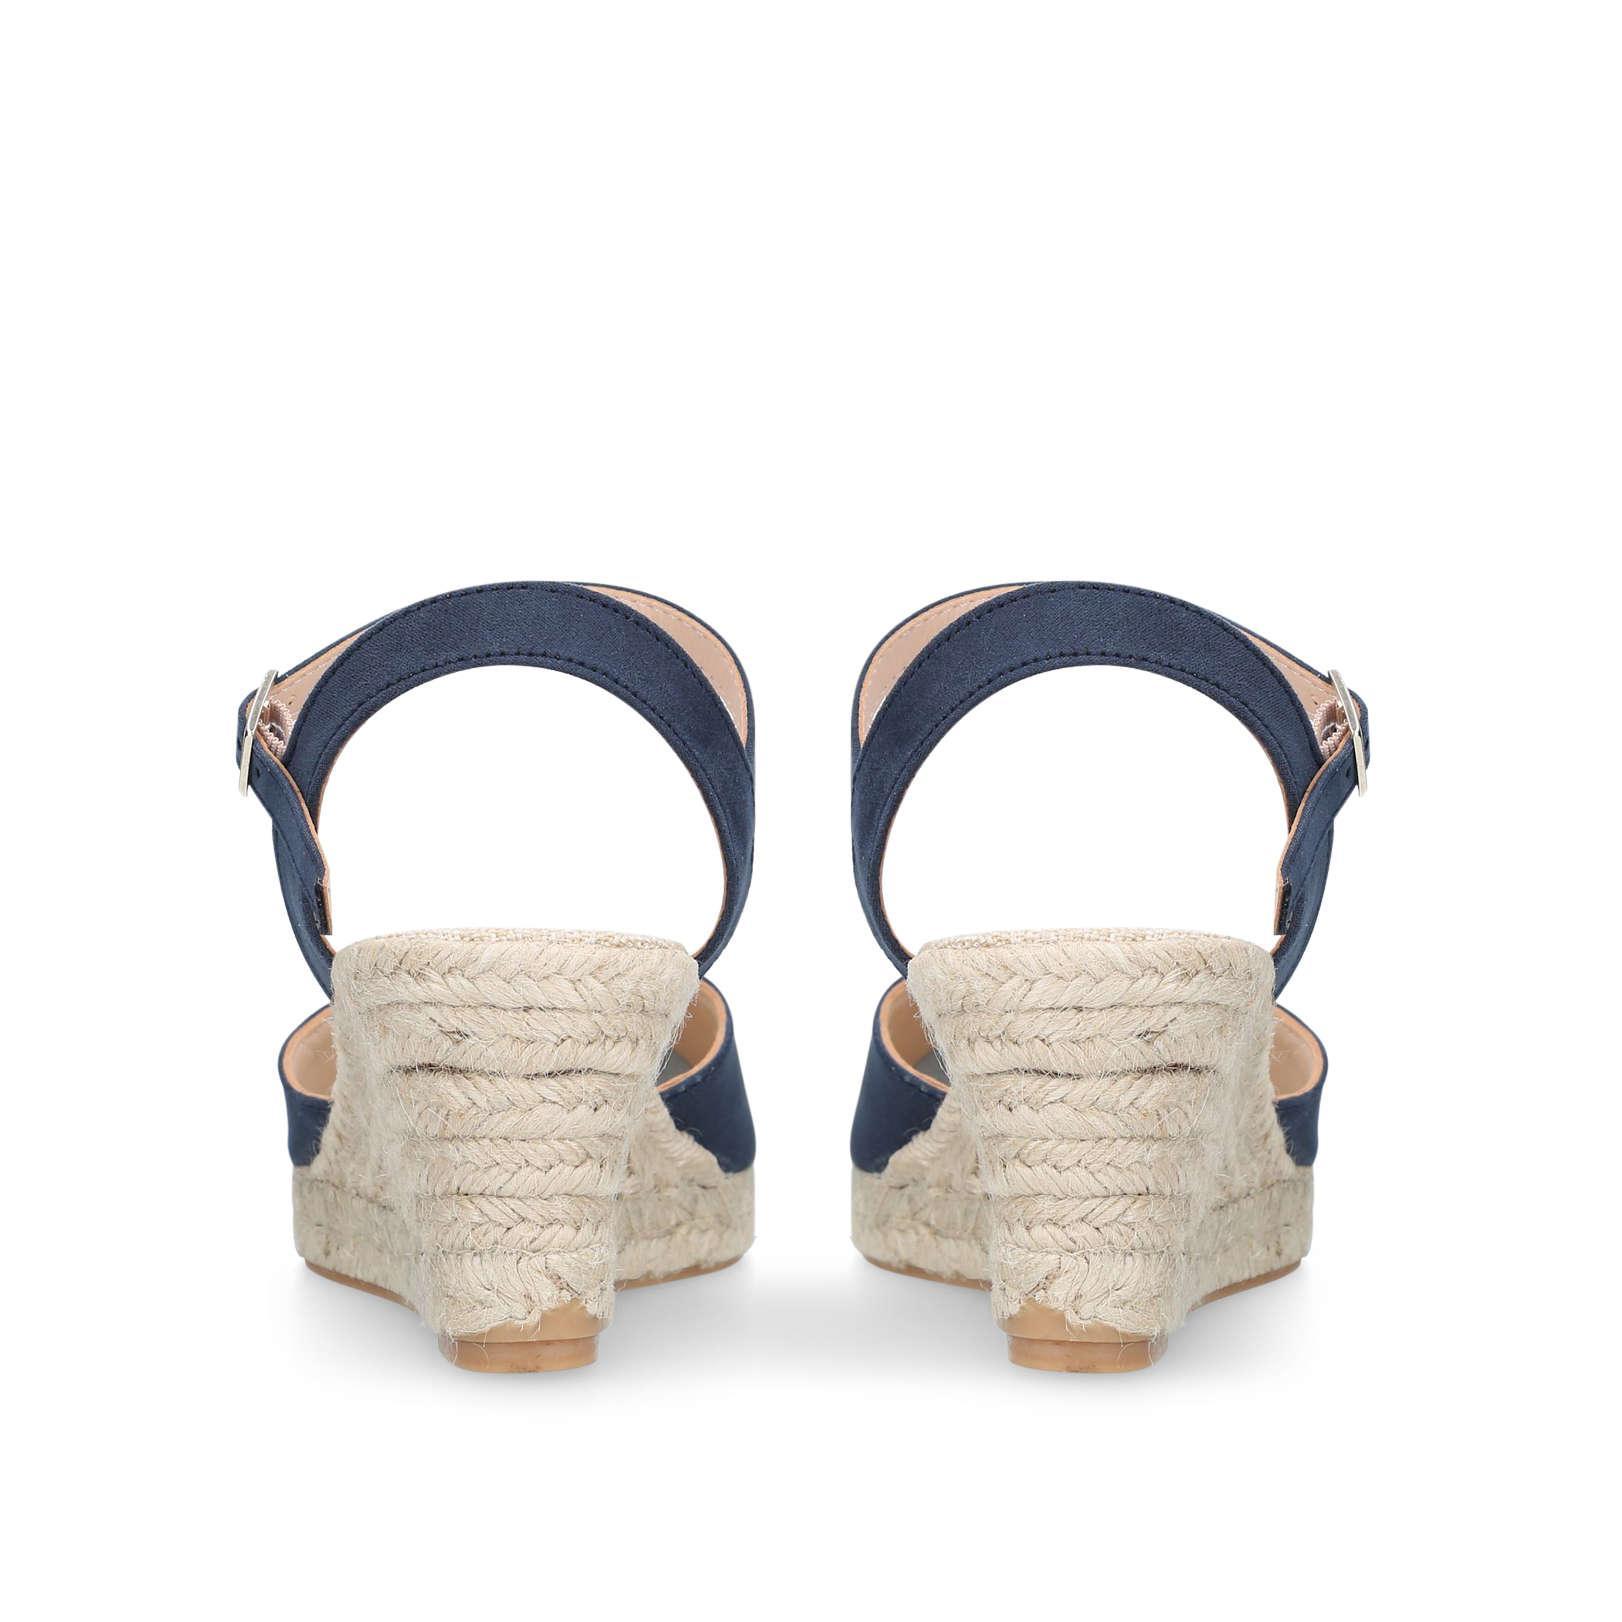 c24afbdff97 Carvela Kurt Geiger Blue Sabrina 2 Navy Wedge Sandal